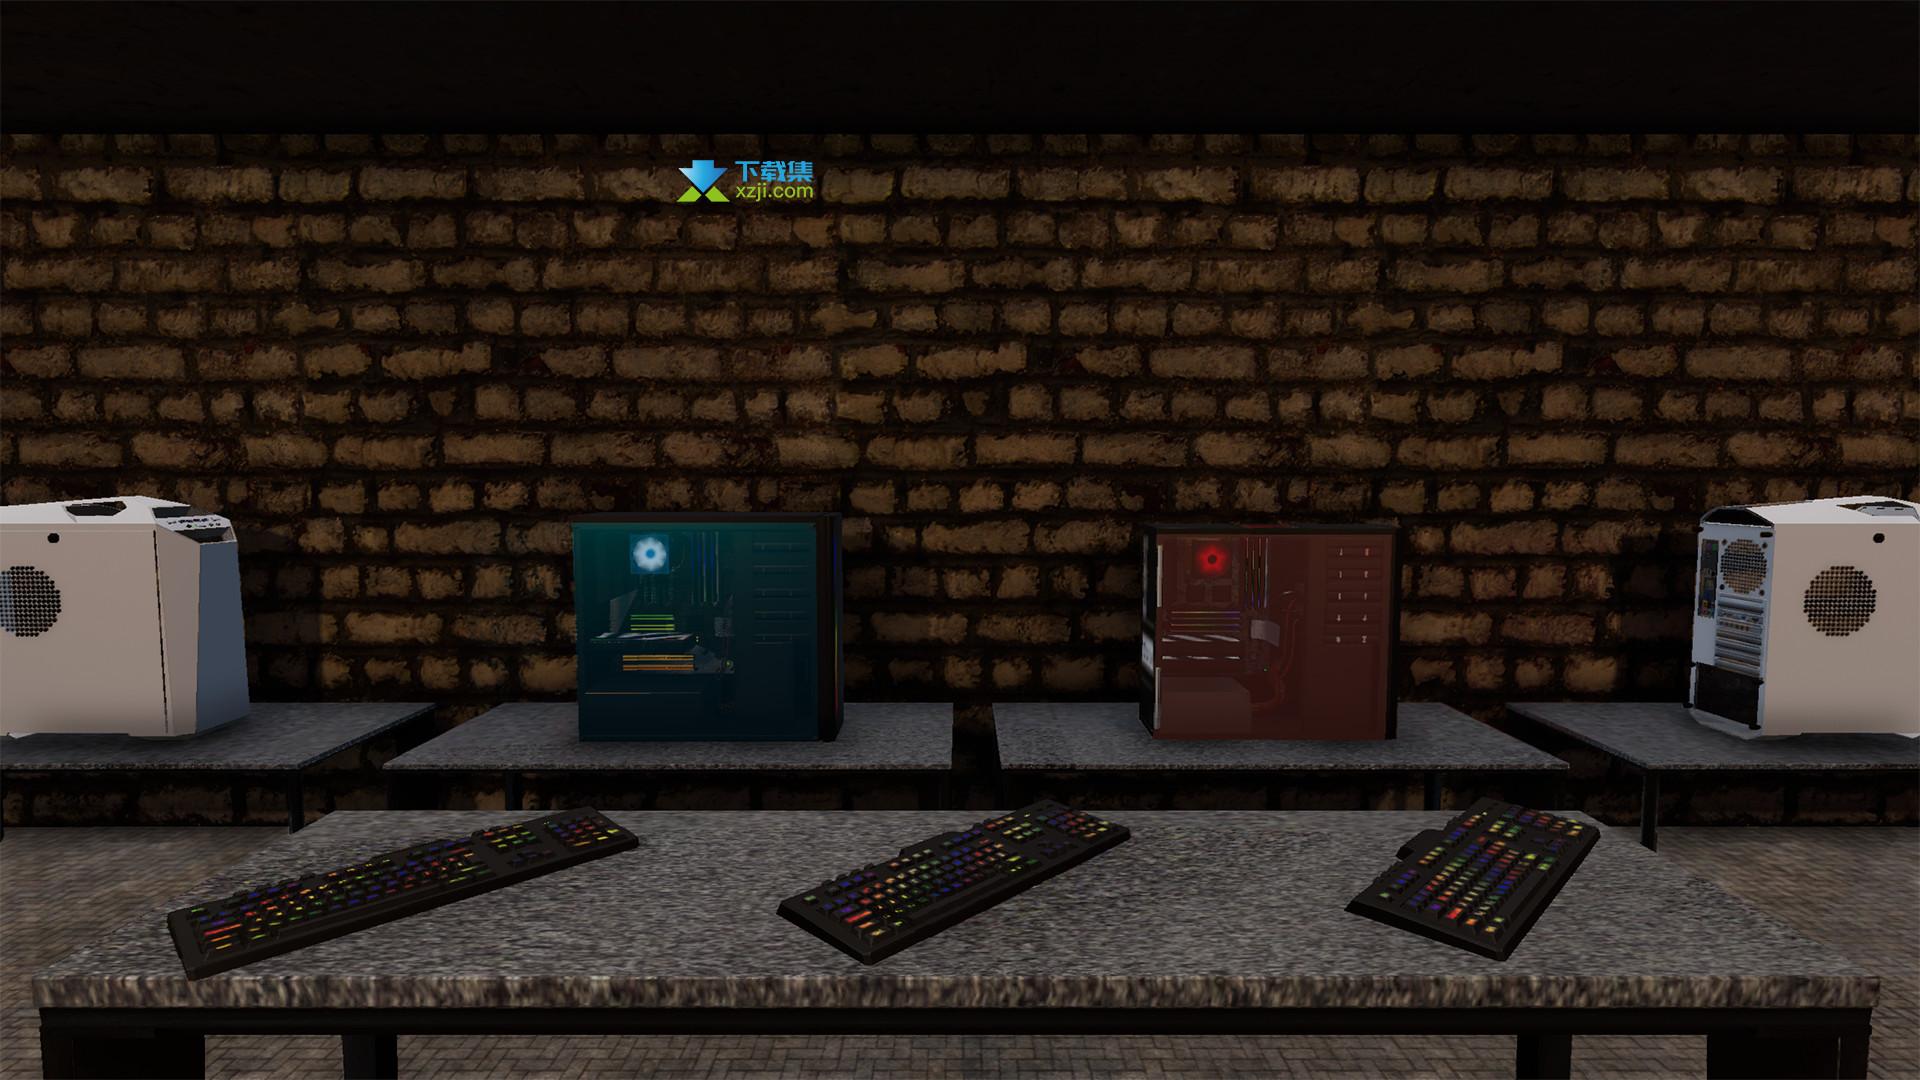 游戏商店模拟器界面4